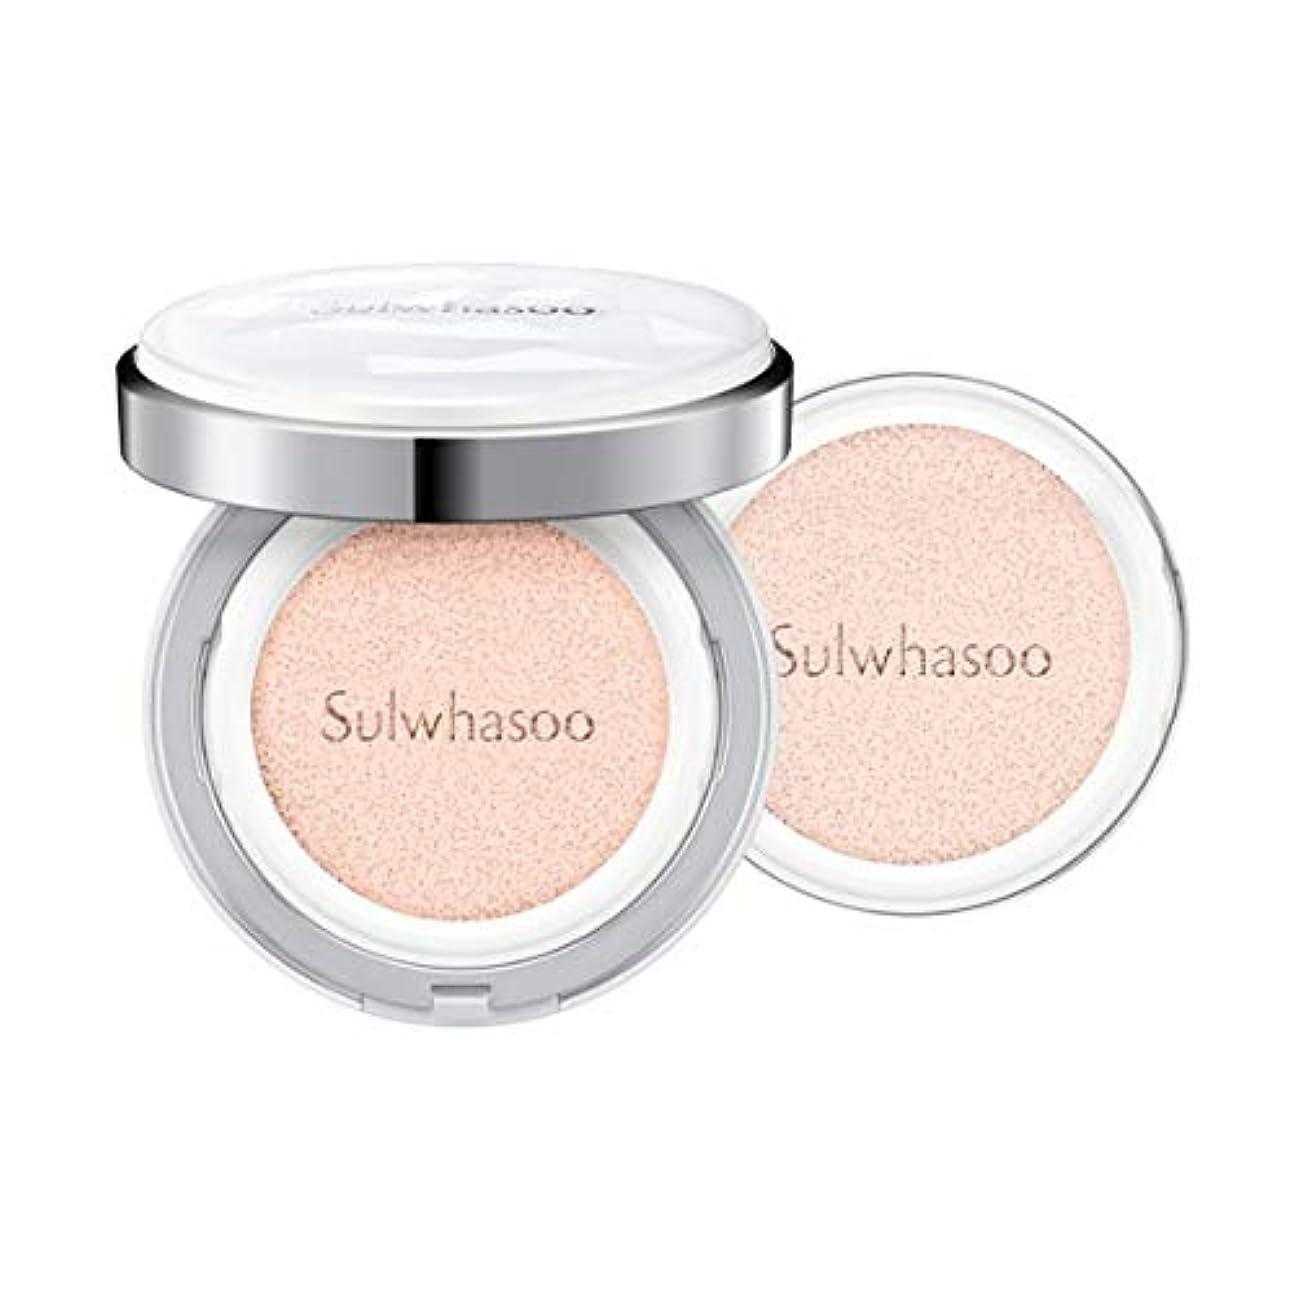 コイル年金前方へ[Sulwhasoo]雪花秀(ソルファス)滋晶(ジャジョン)ブライトニングクッション #21ナチュラルピンク SPF50+/PA+++ Snowise Brightening Cushion 21 Natural Pink